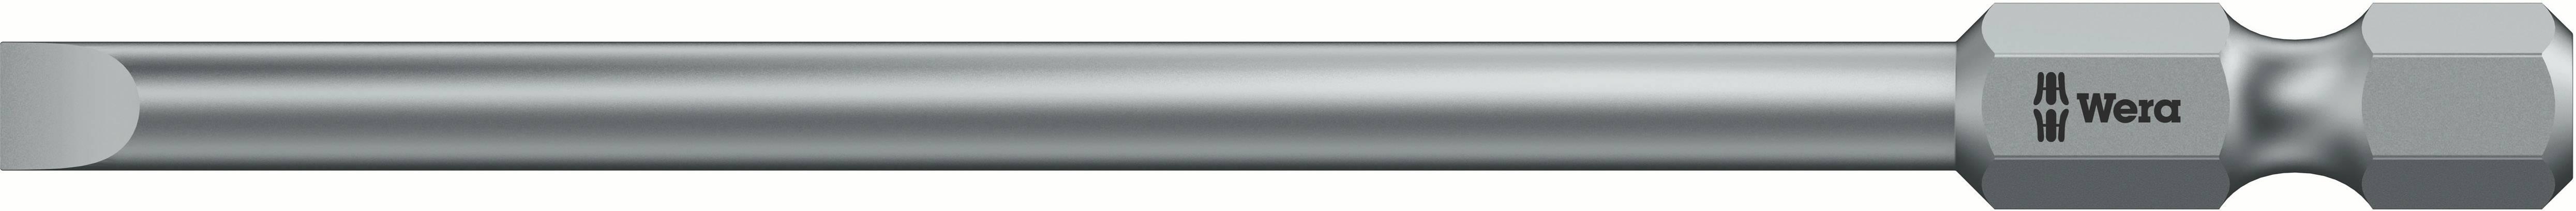 Plochý bit Wera 800/4 Z ;4.5 mm 05059489001, nástrojová oceľ, 1 ks